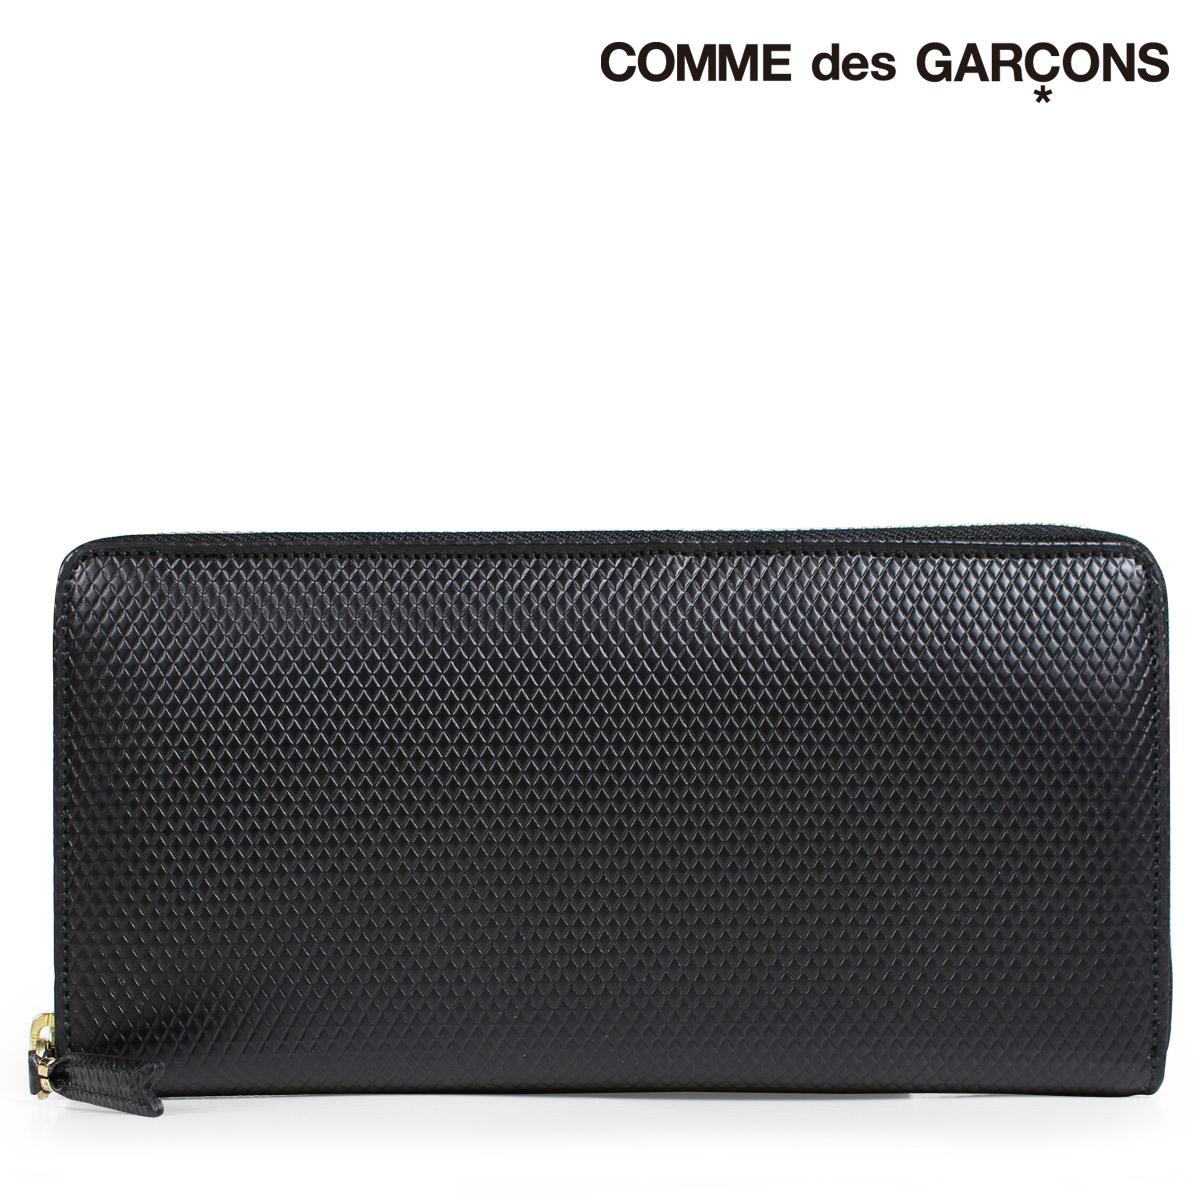 コムデギャルソン 財布 メンズ レディース 長財布 ラウンドファスナー COMME des GARCONS SA0110LG ブラック [9/10 新入荷]